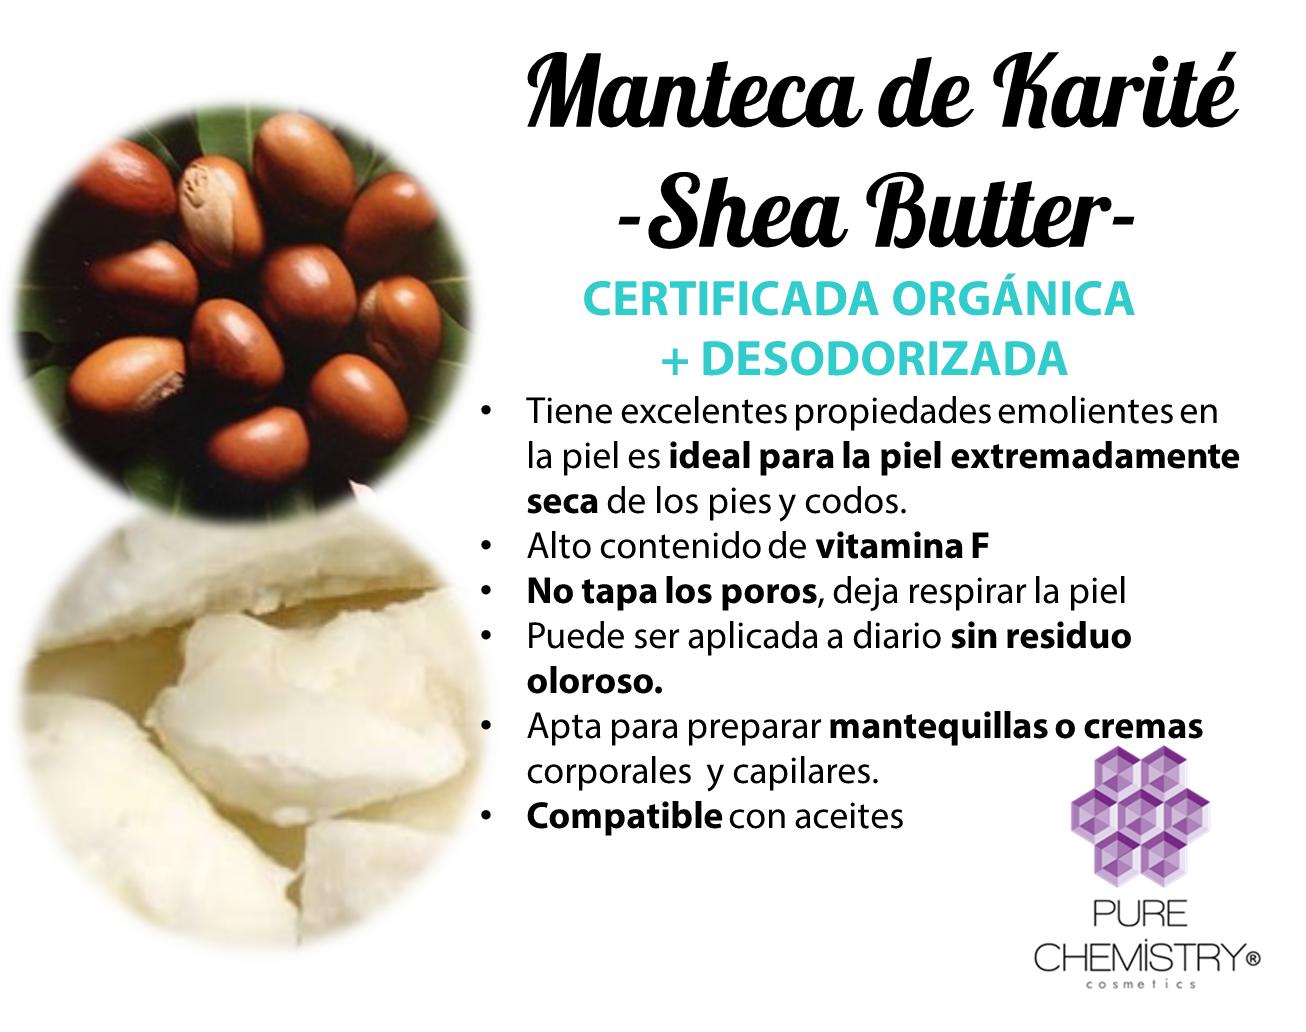 Shea Butter O Manteca De Karite Tiene Propiedades Emolientes En La Piel Y Es Excelente Para La Manteca De Karité Productos Para El Cabello Cosmeticos Naturales